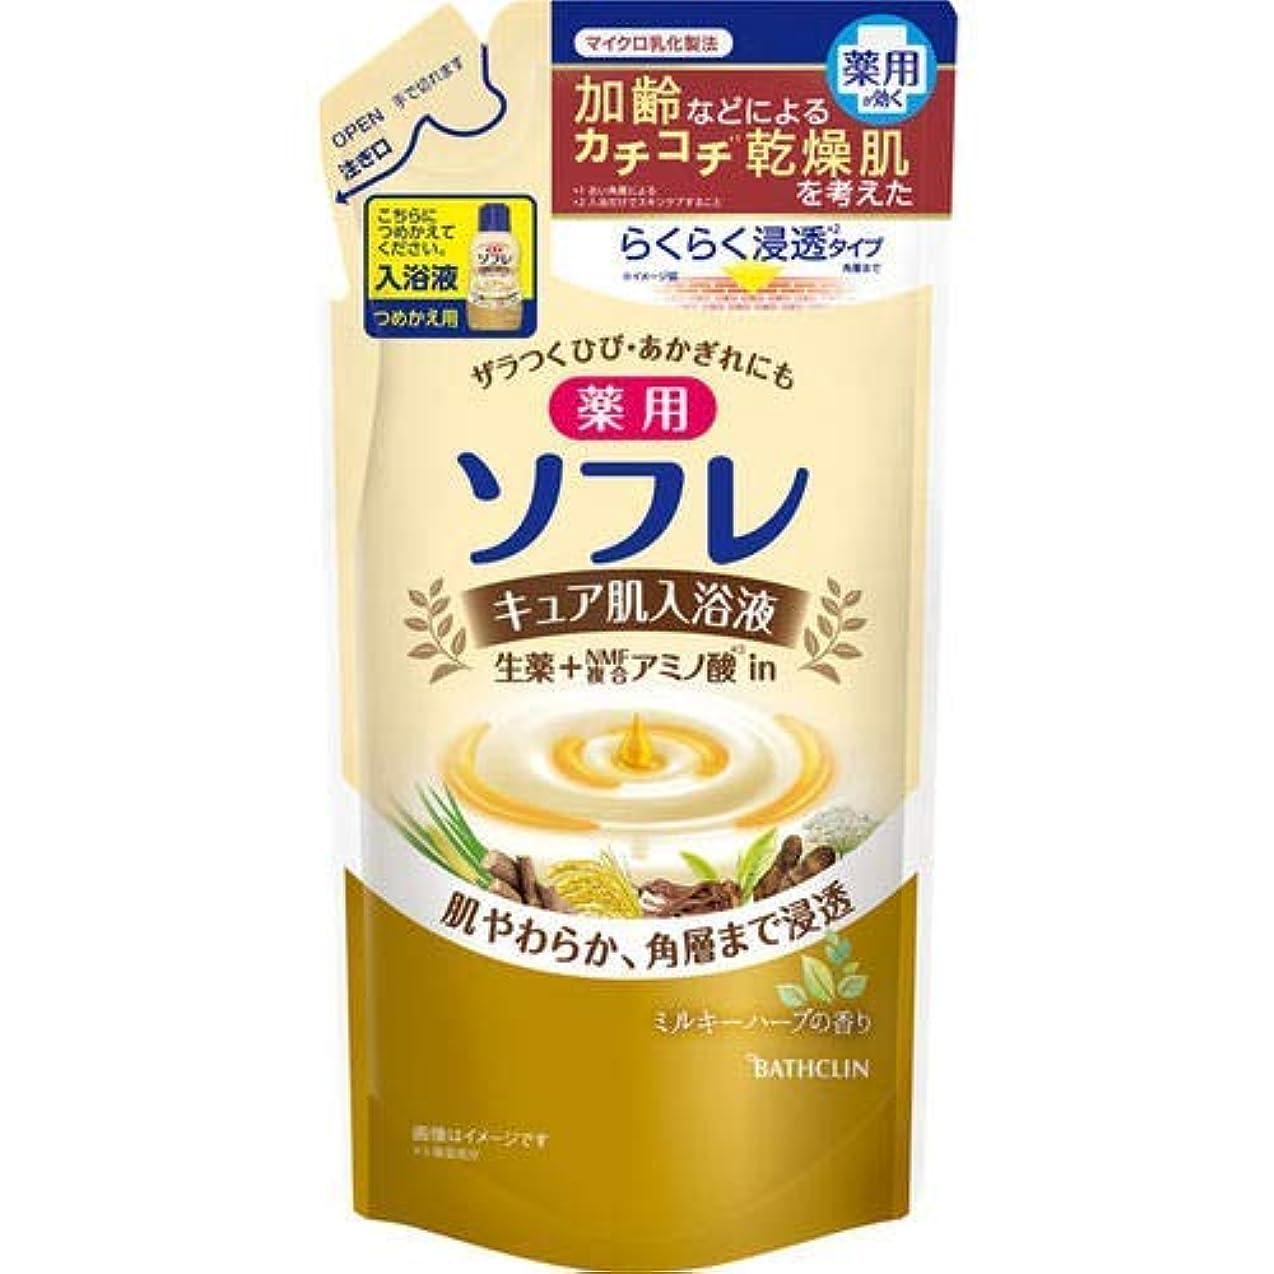 有料フィヨルド楽な薬用ソフレ キュア肌入浴液 ミルキーハーブの香り 400ml × 12個セット